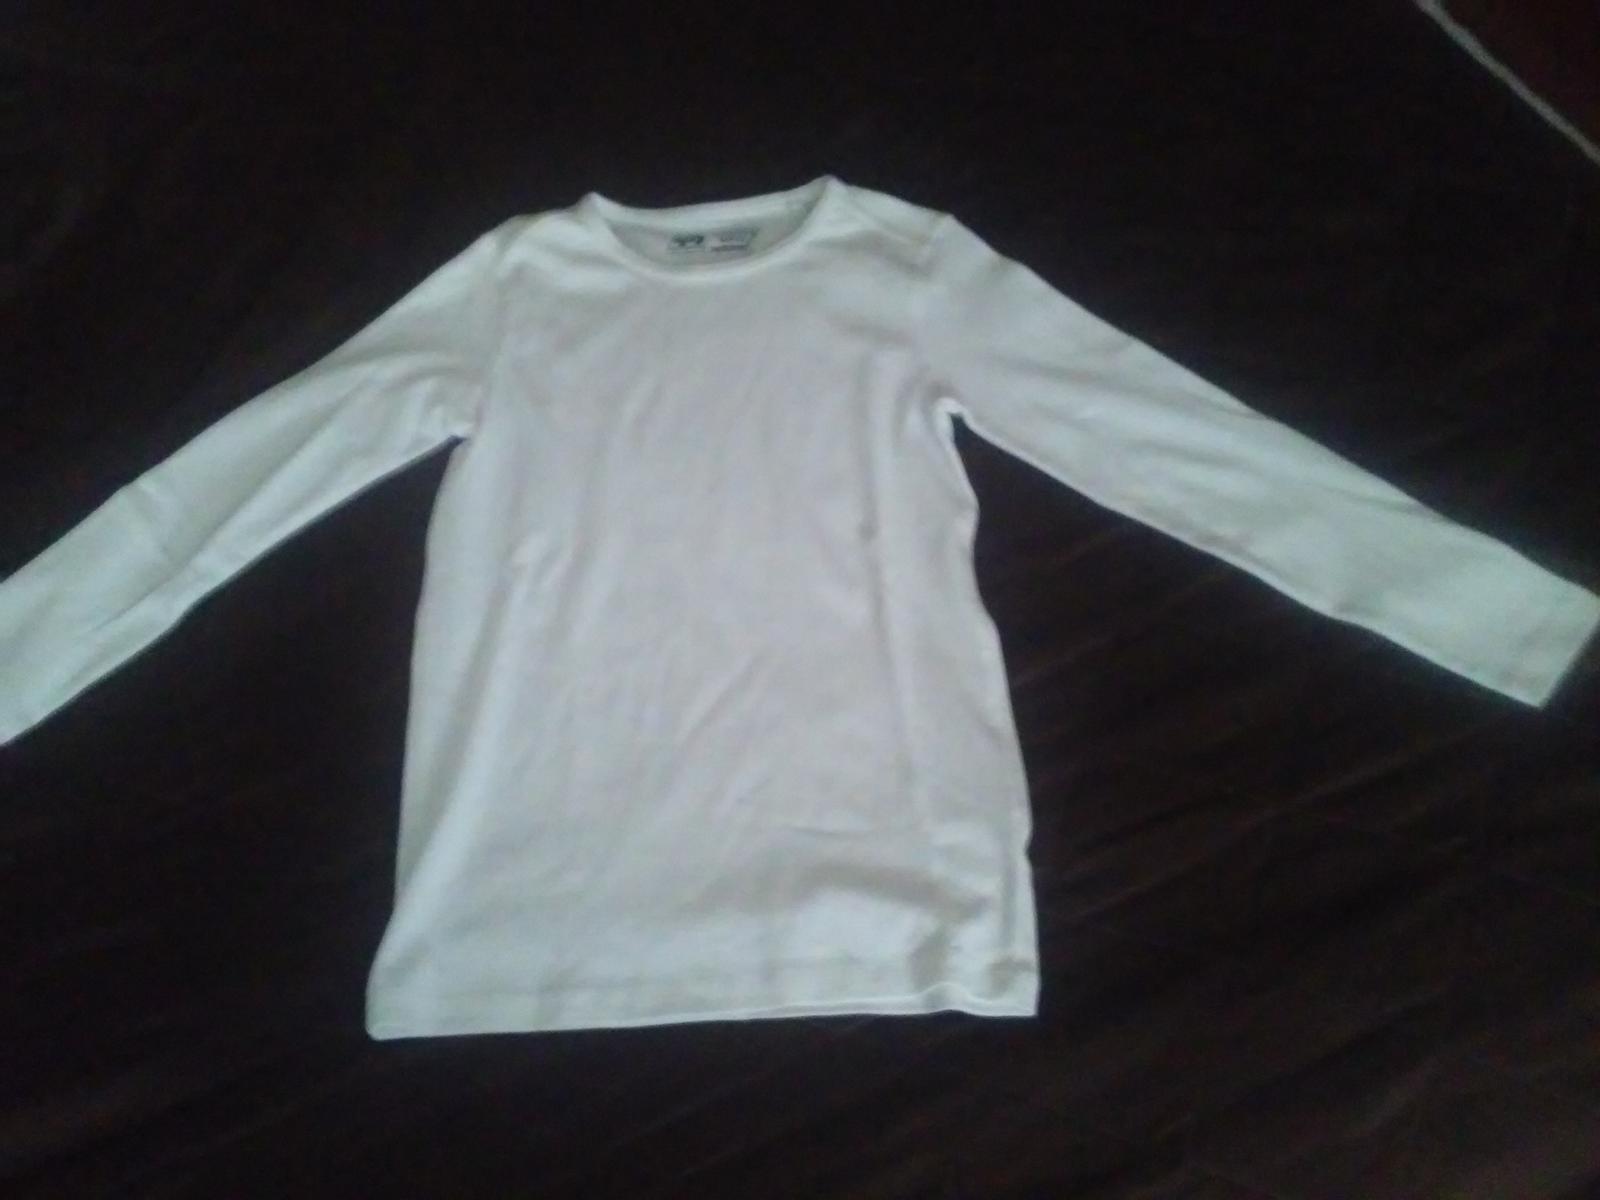 Tričko - Obrázok č. 1